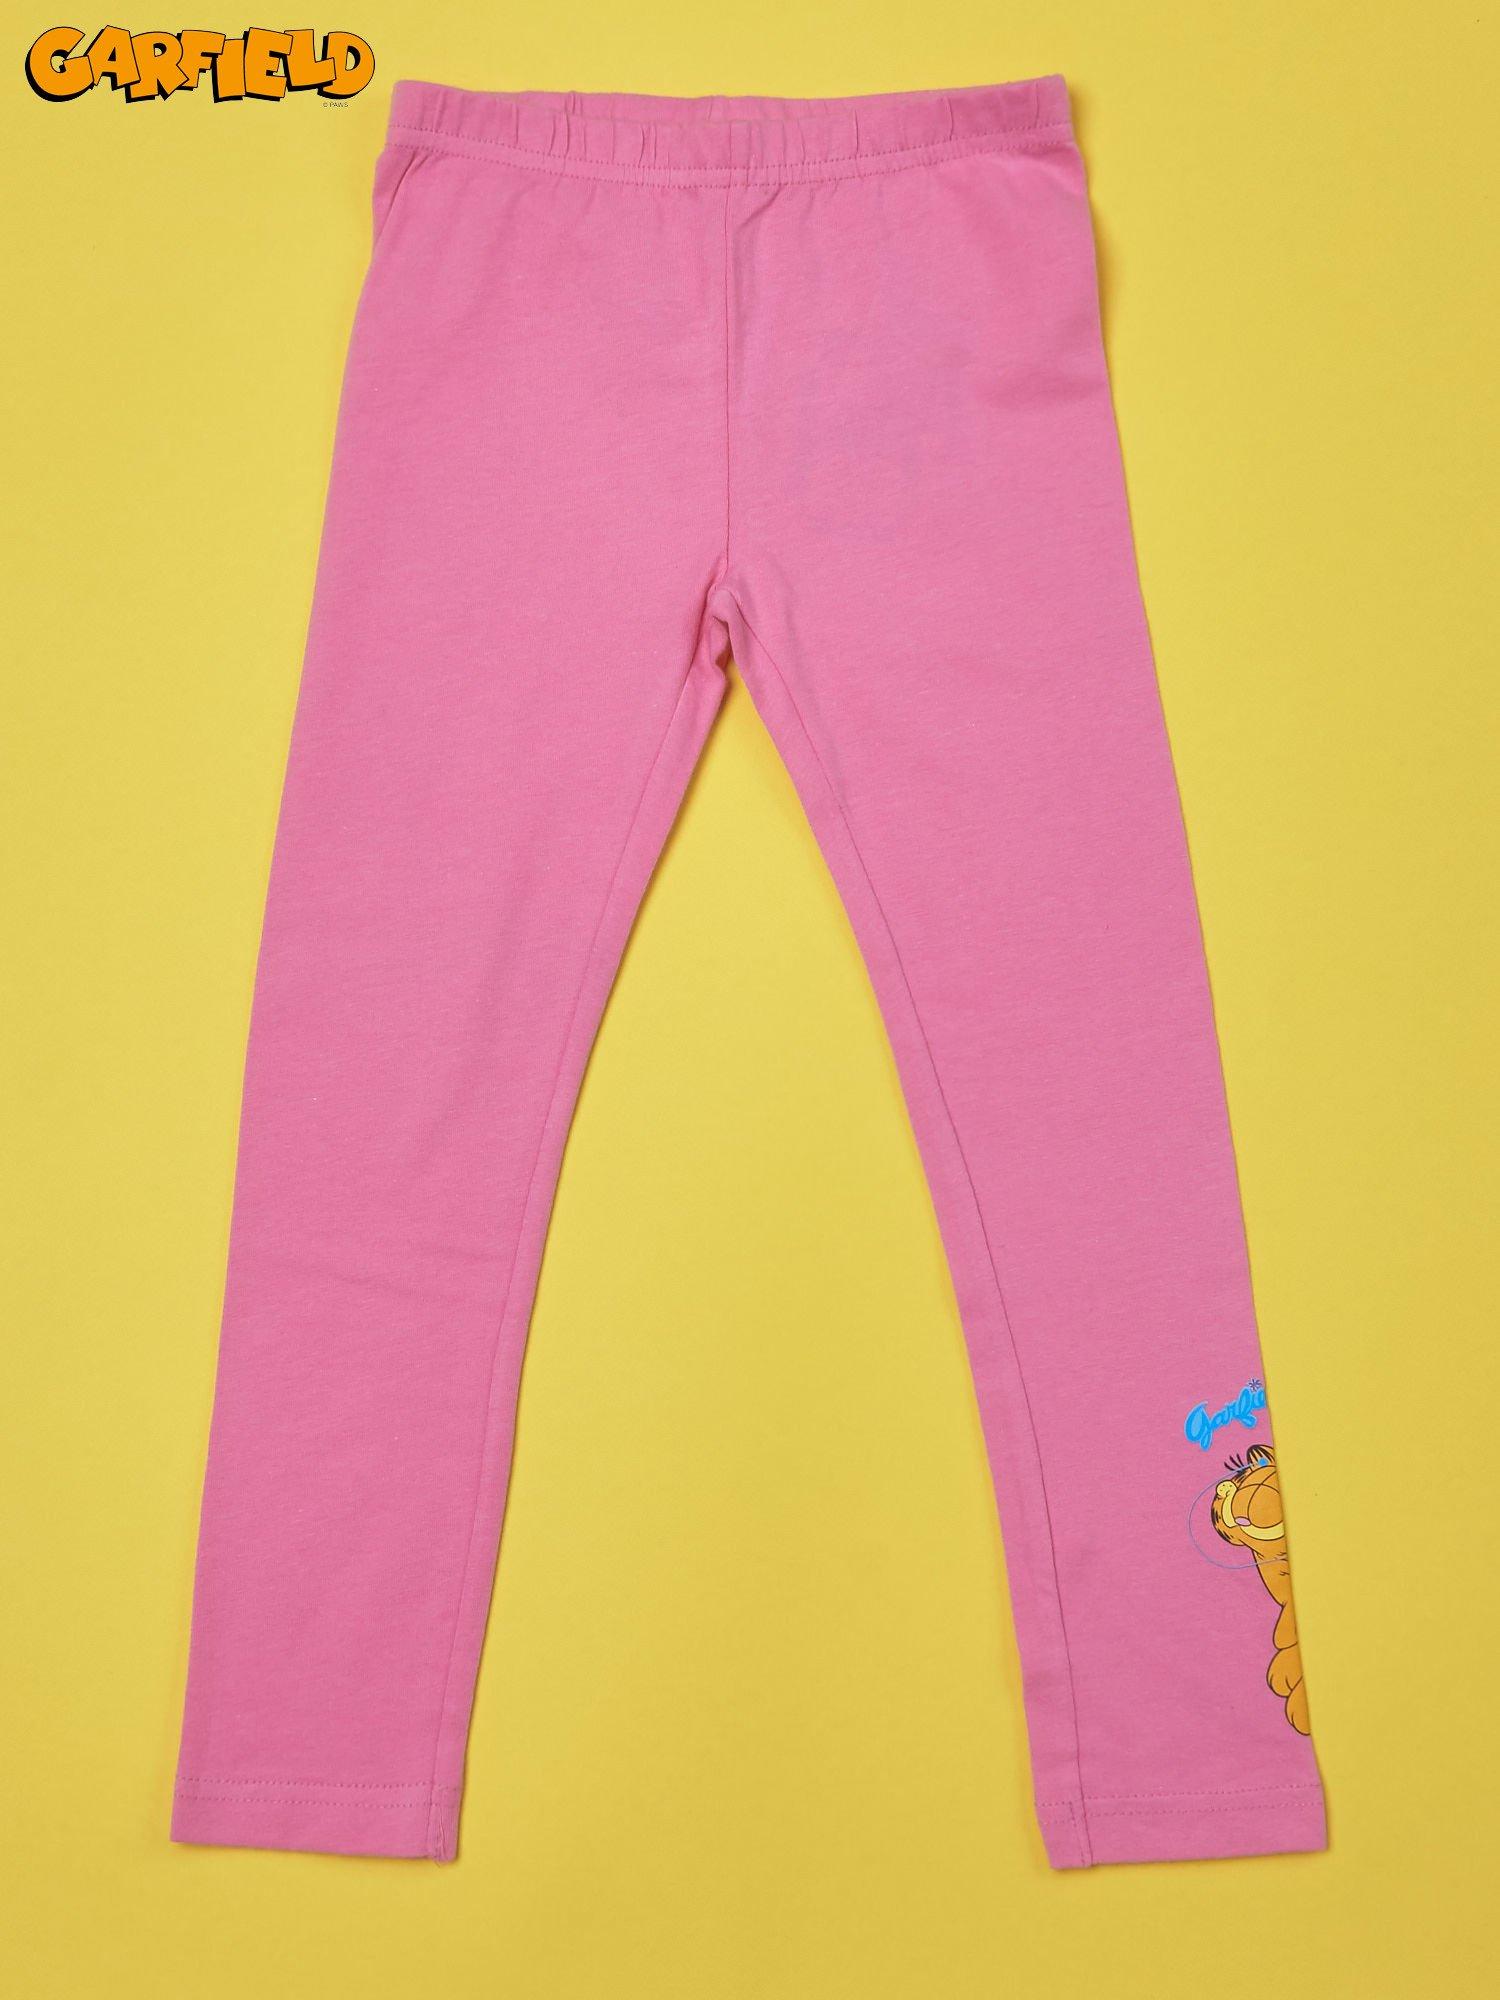 Różowe legginsy dla dziewczynki GARFIELD                                  zdj.                                  1